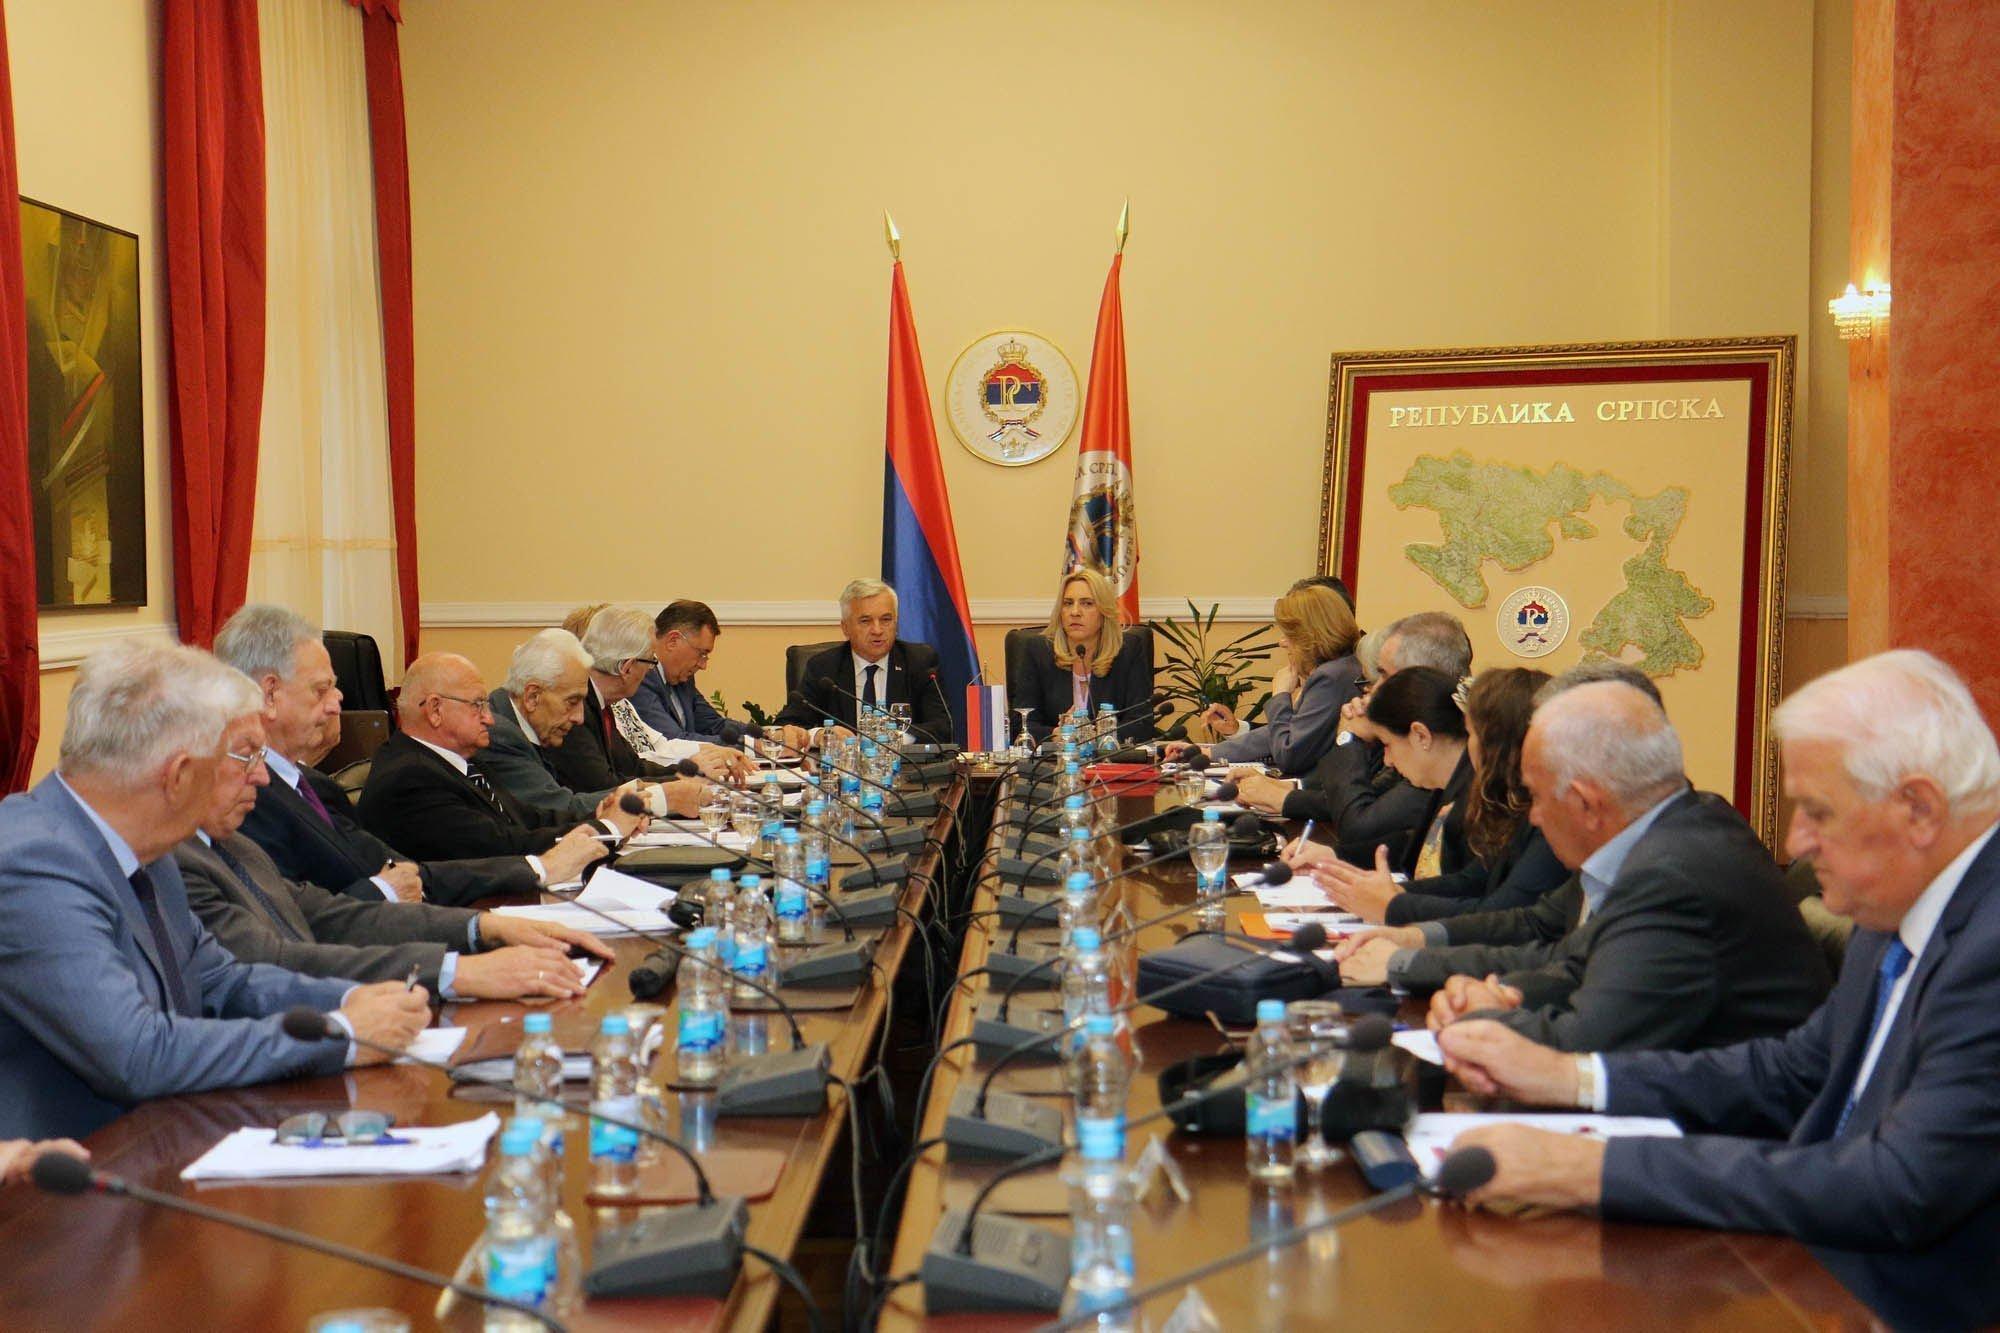 Održana sjednica Senata Republike Srpske